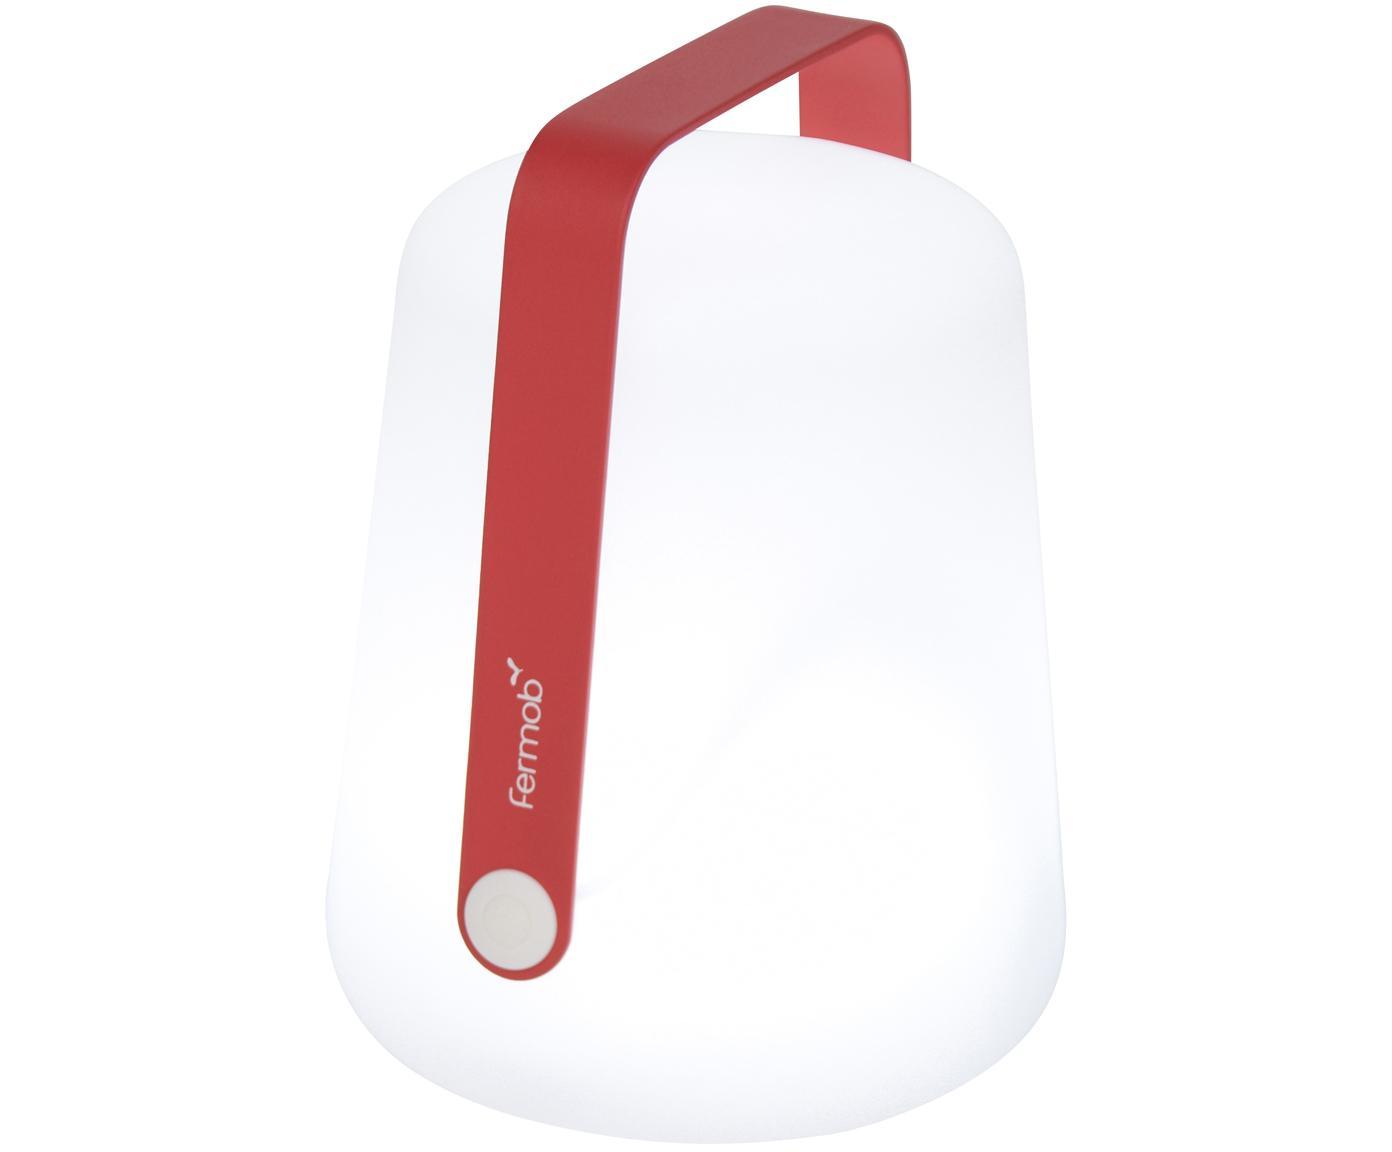 Lámpara LED de exterior Balad, portátil, Lámpara: polietileno, tratado para, Asa: aluminio, pintado, Rosa, Ø 19 x Al 25 cm